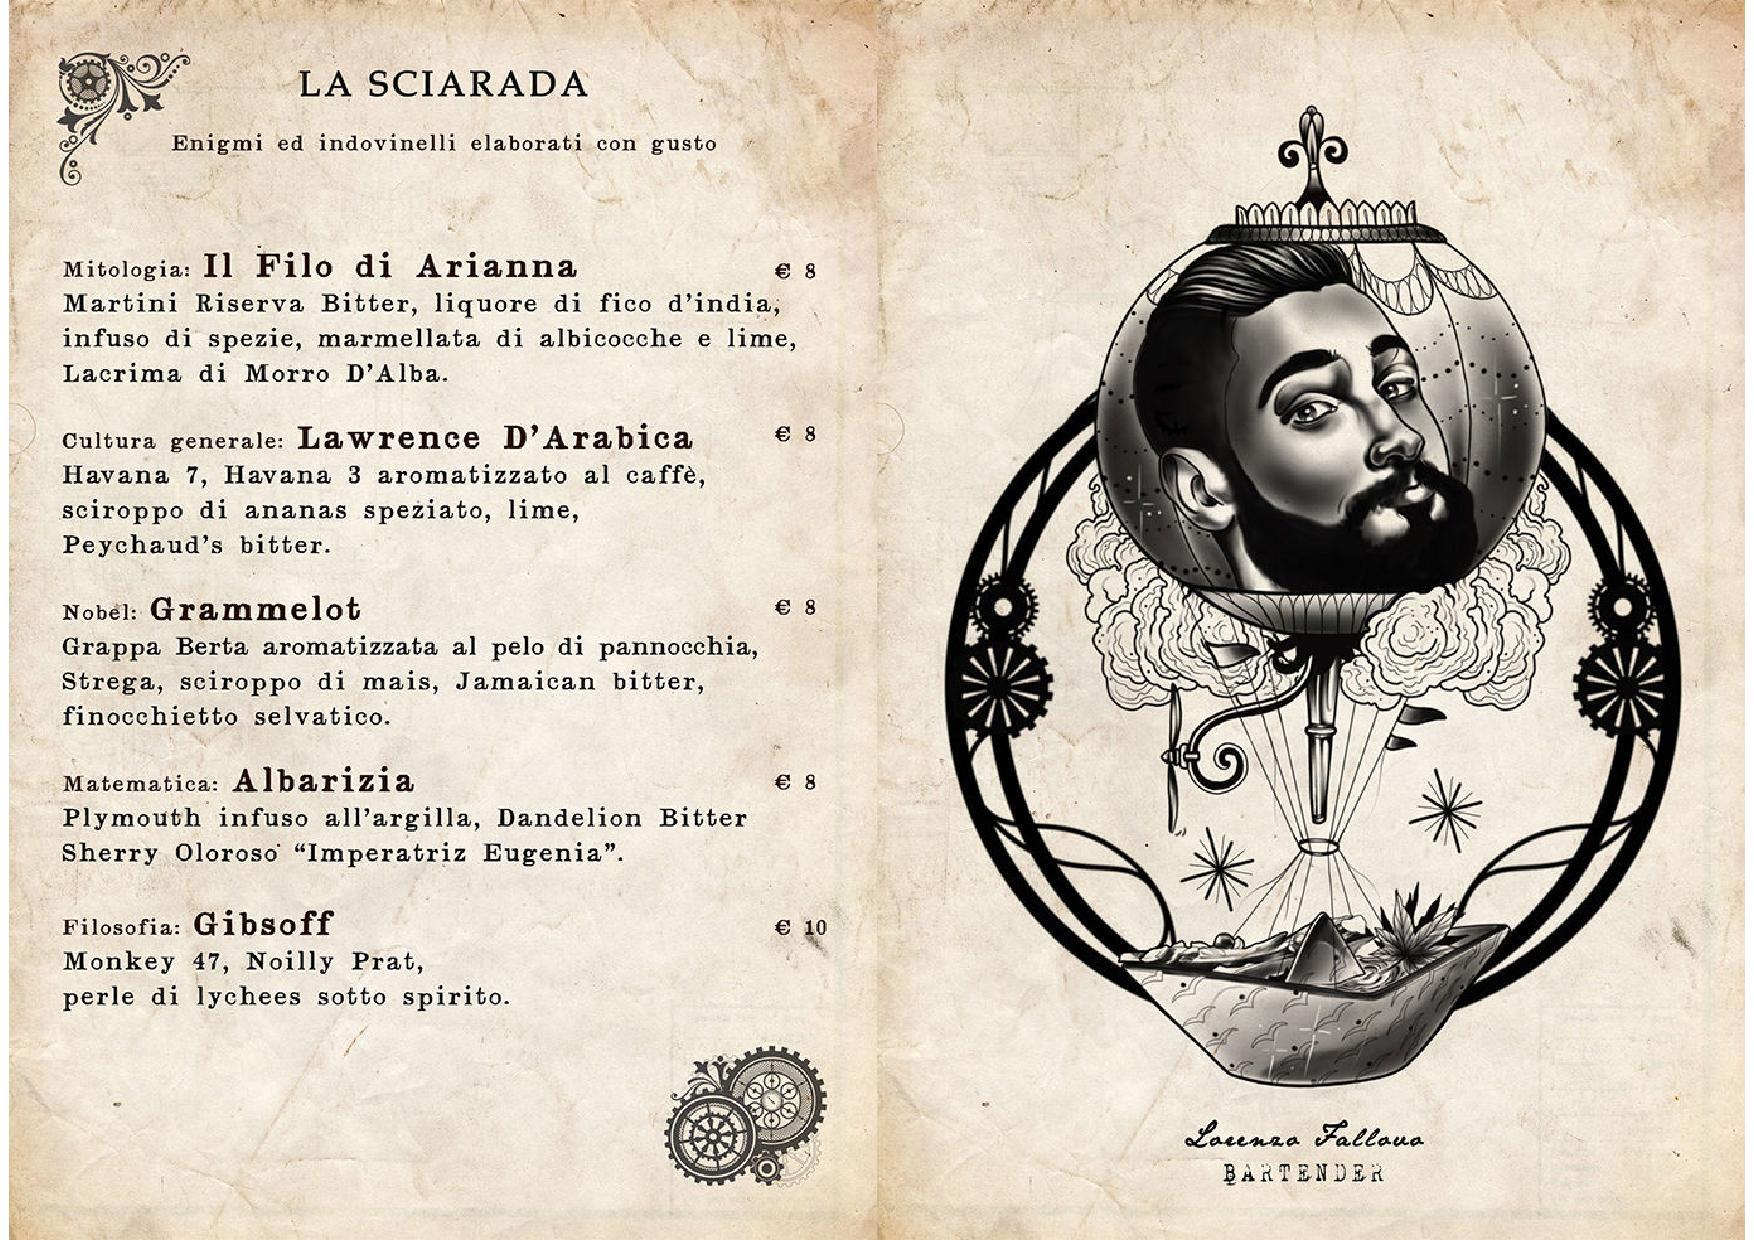 Almanacco dei Cocktails 2018-2019 by Fabio Camboni-page-007